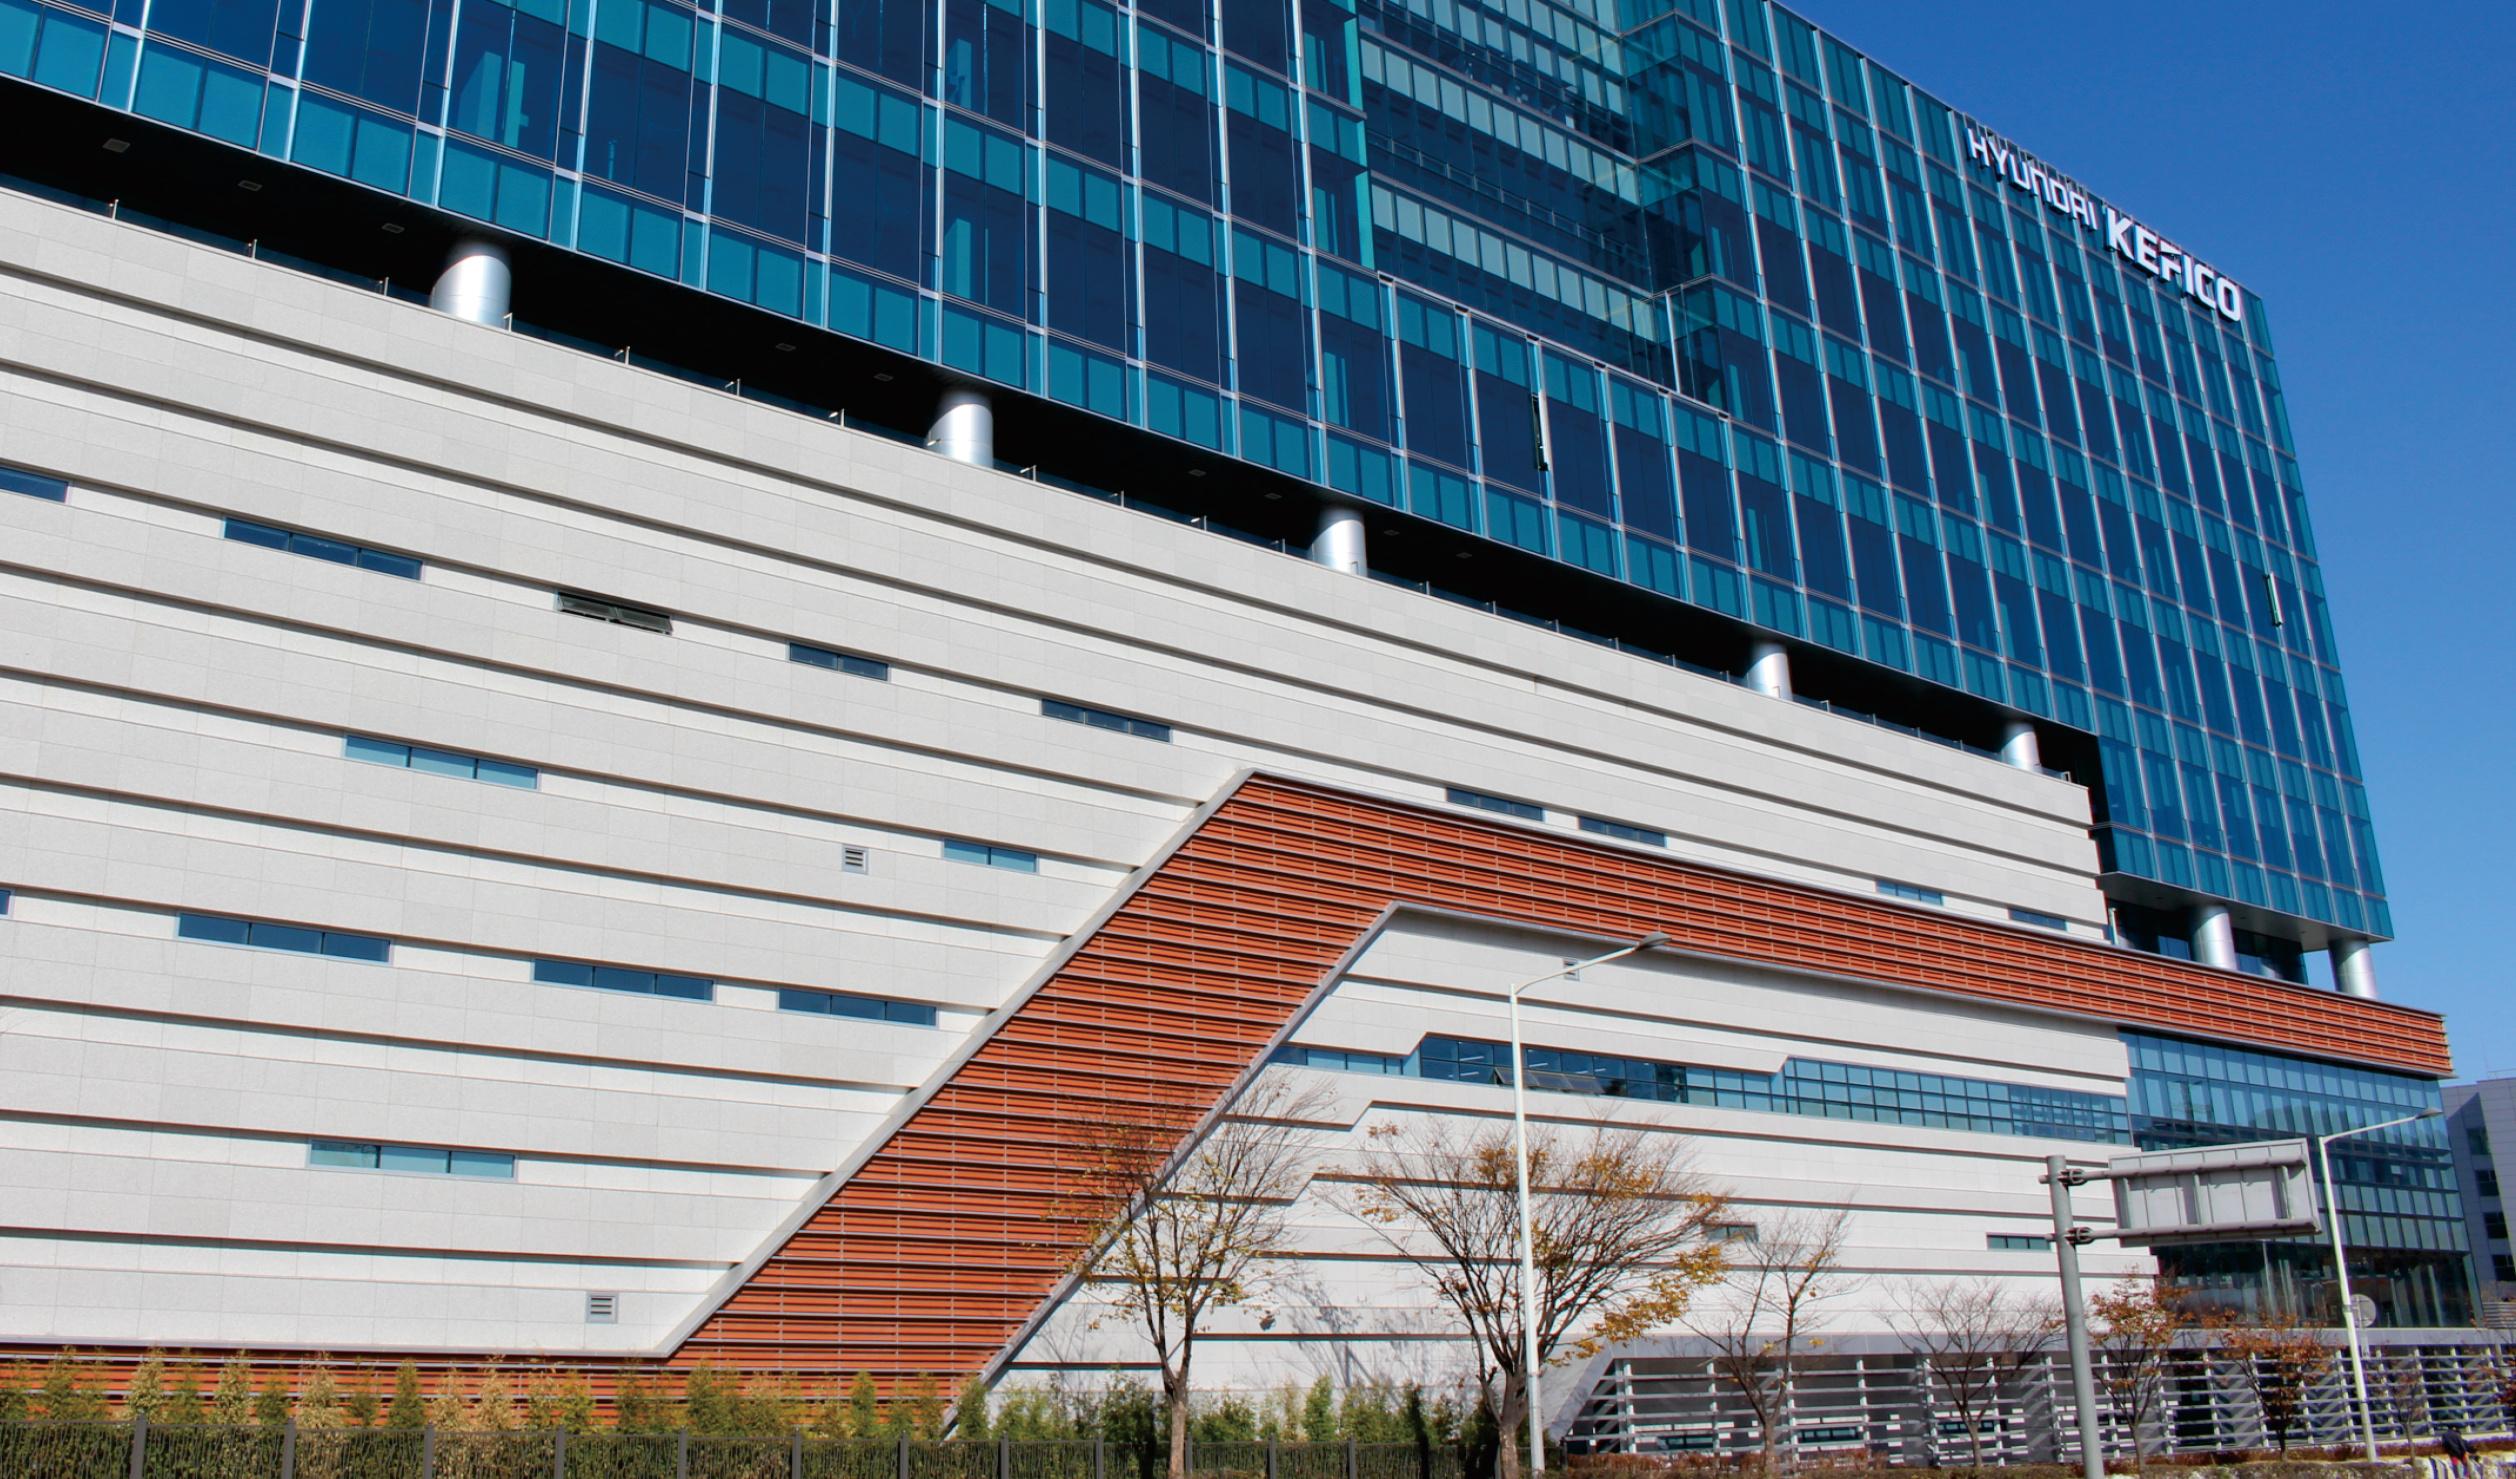 테라코타_군포 현대케피코 전자제어연구센터